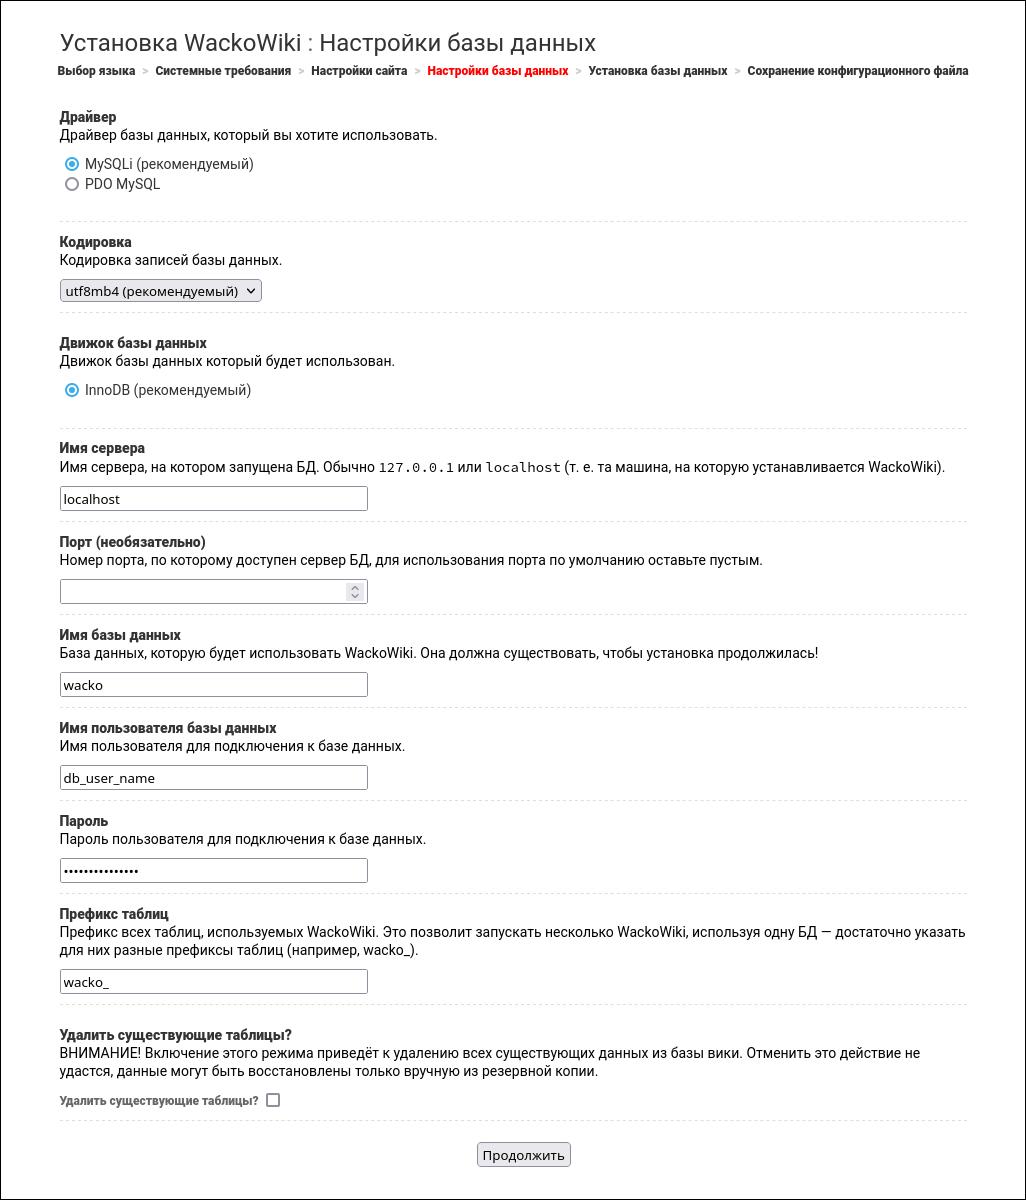 Скриншот: Установка WackoWiki R6.0. Шаг 4: настройки базы данных